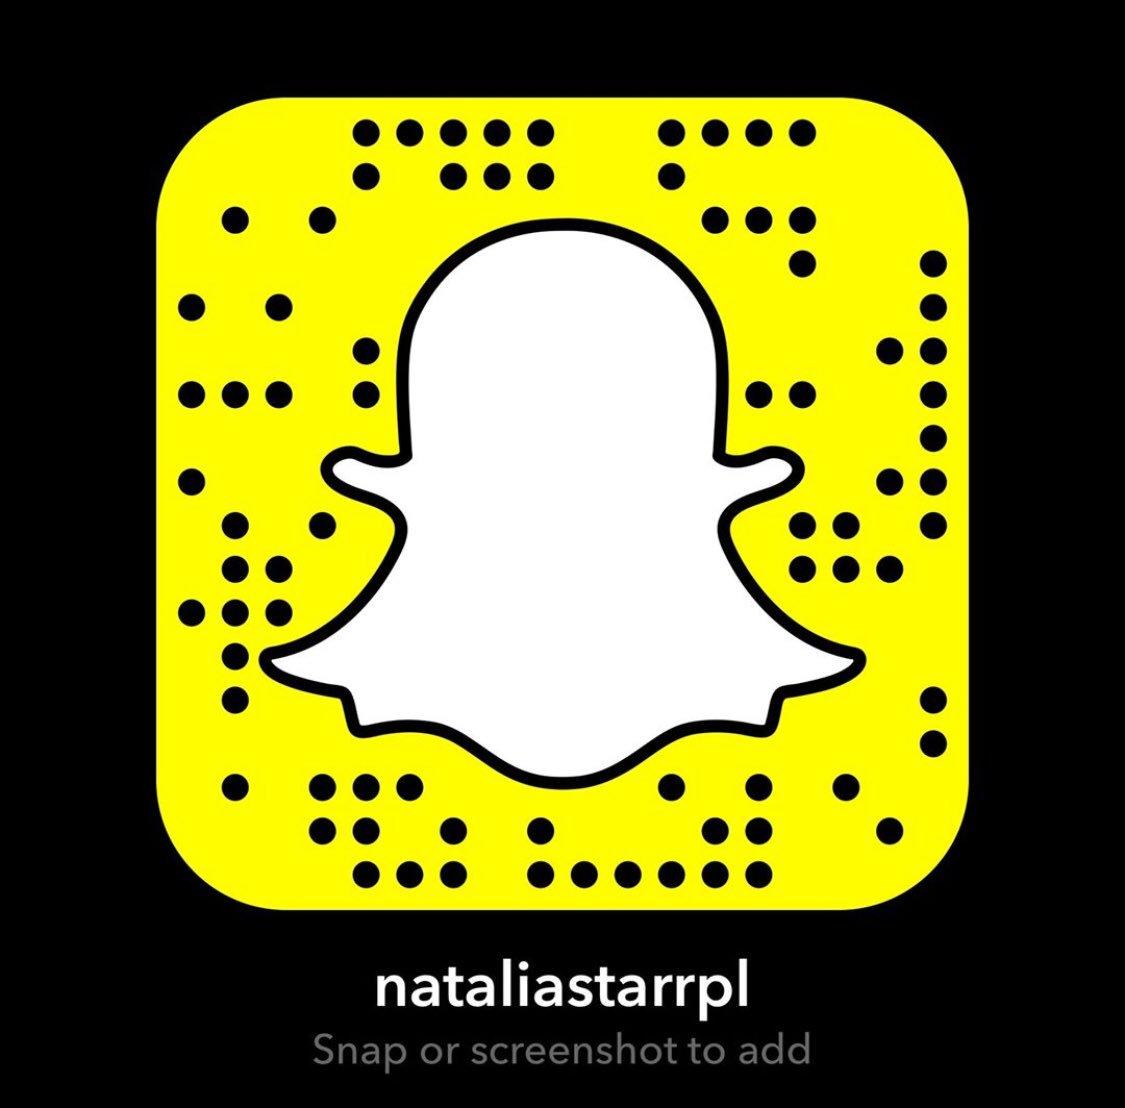 Natalia Starr twitter @nataliaxstarr